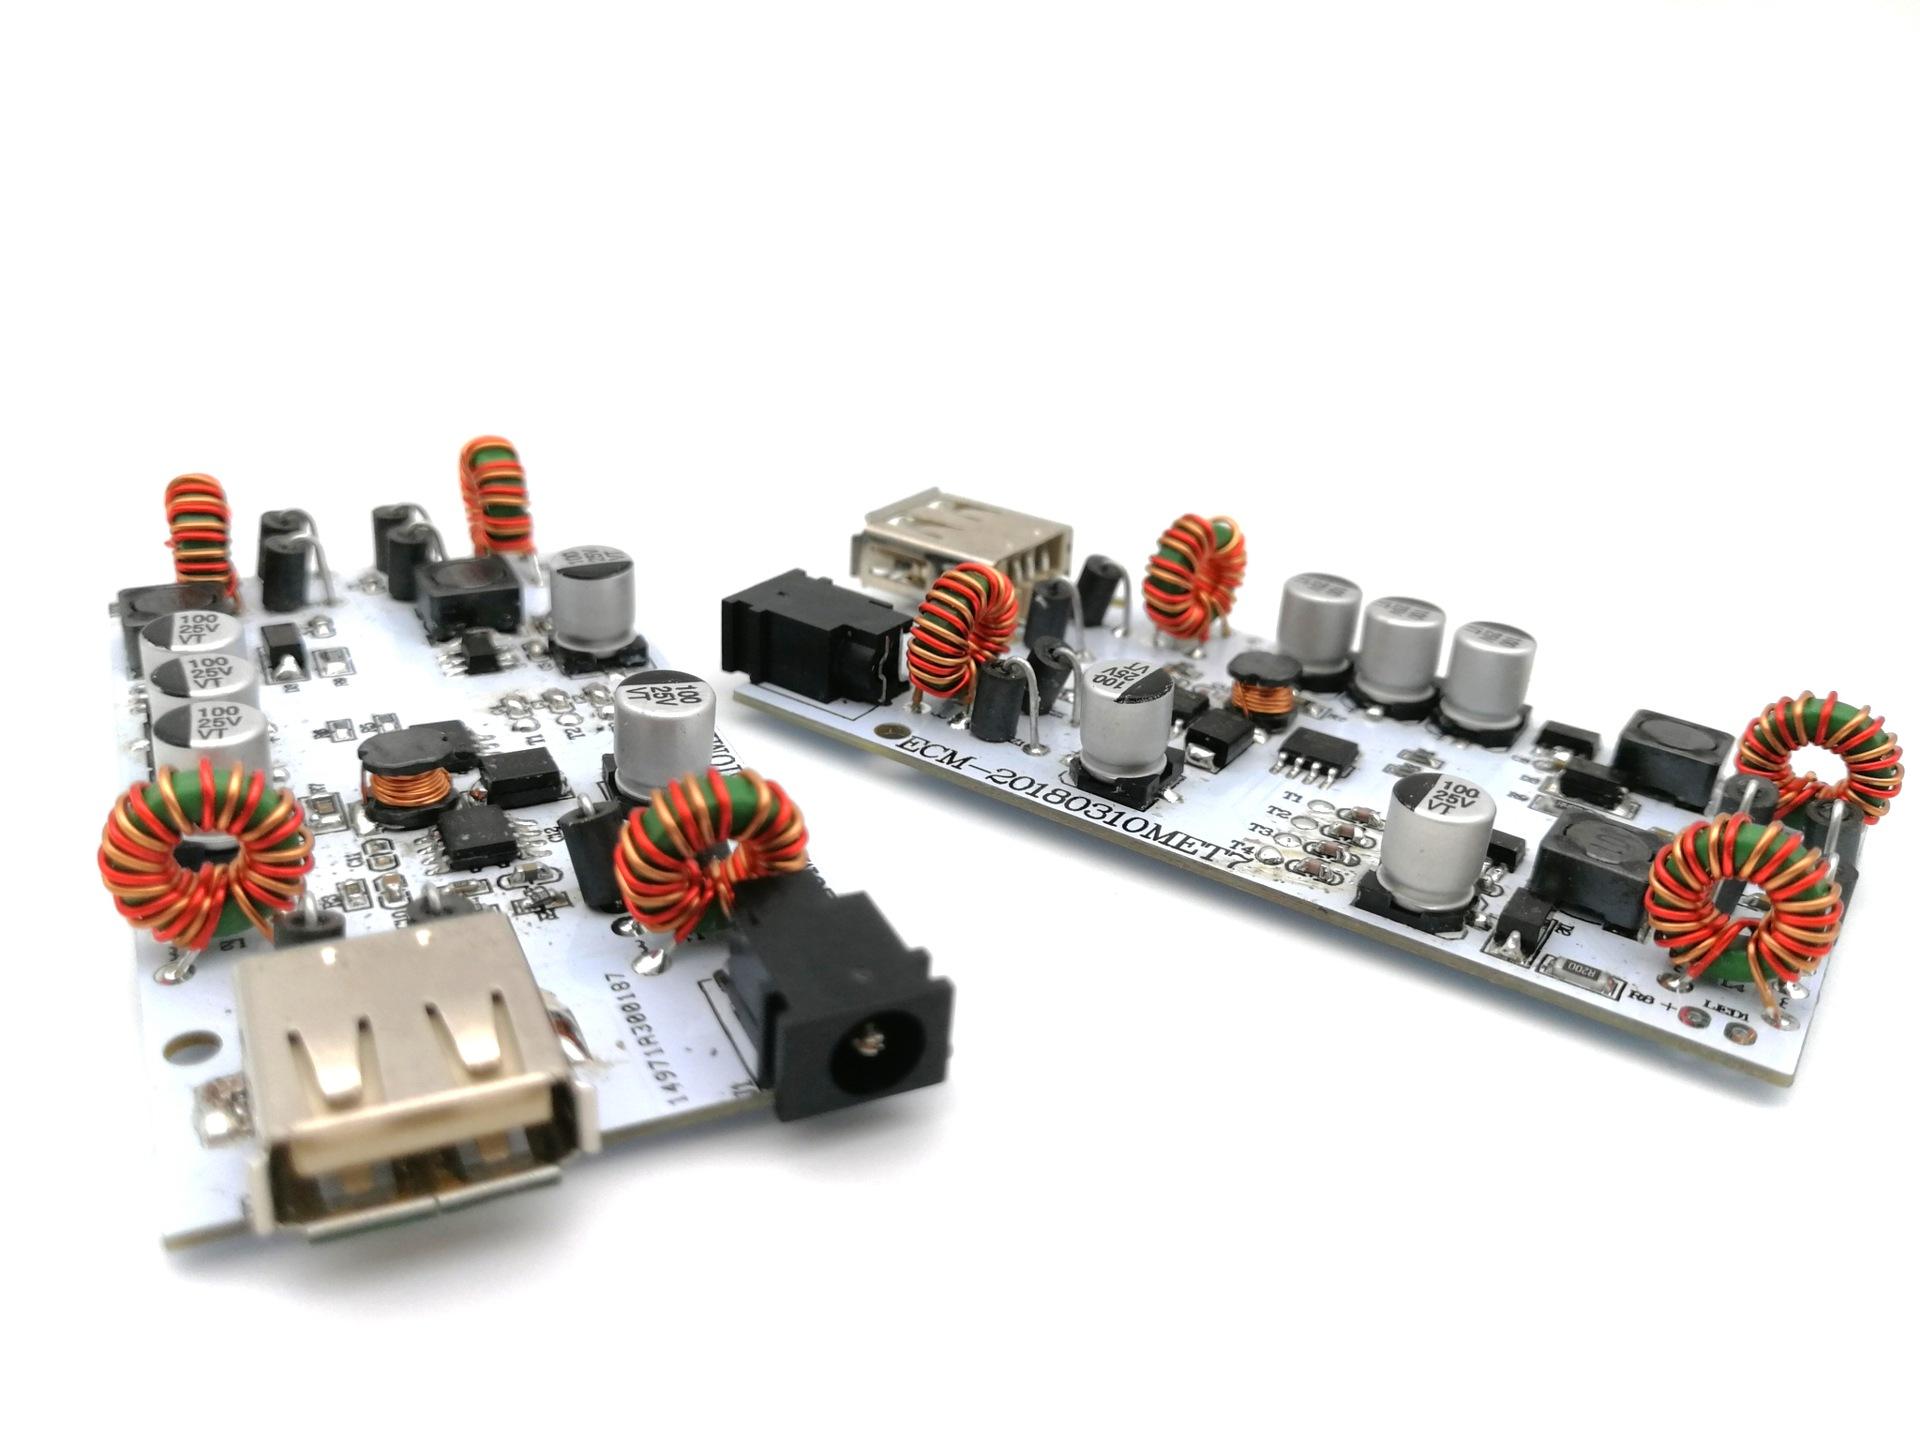 现货USB触摸台灯控制板 5级触摸调光功能 四键触摸PCBA方案开发